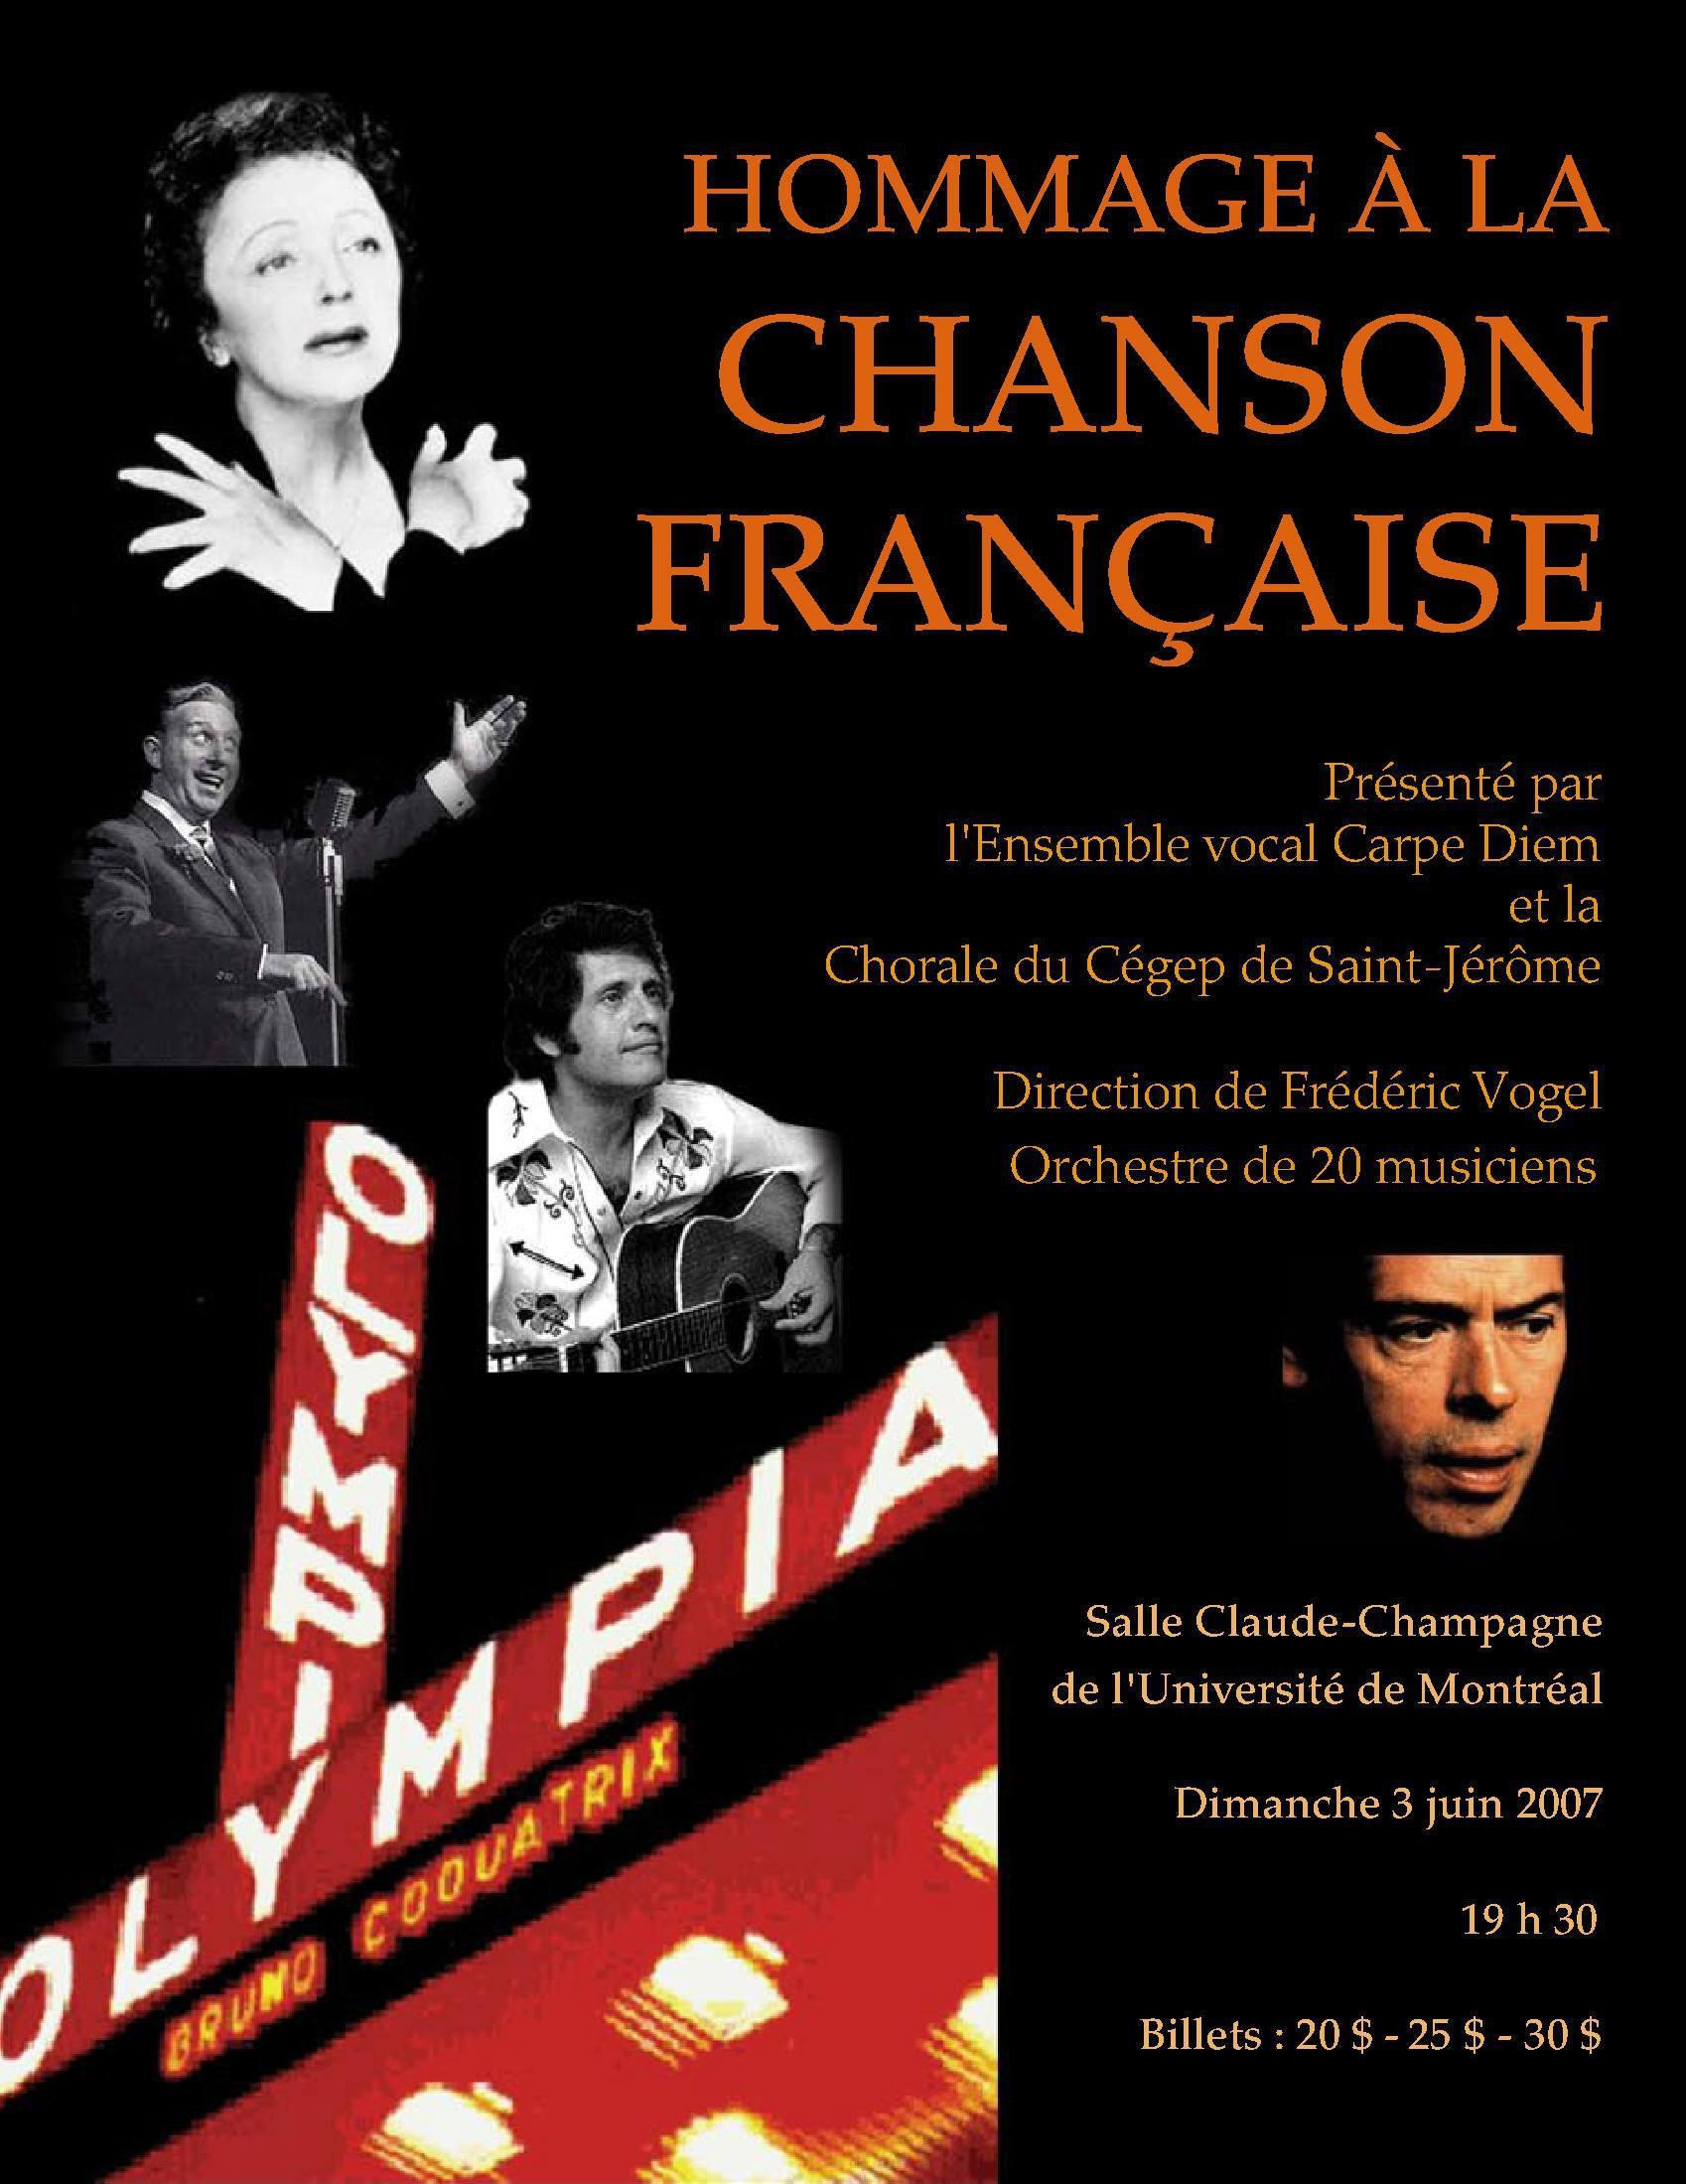 2007-3 juin Hommage chanson franç.